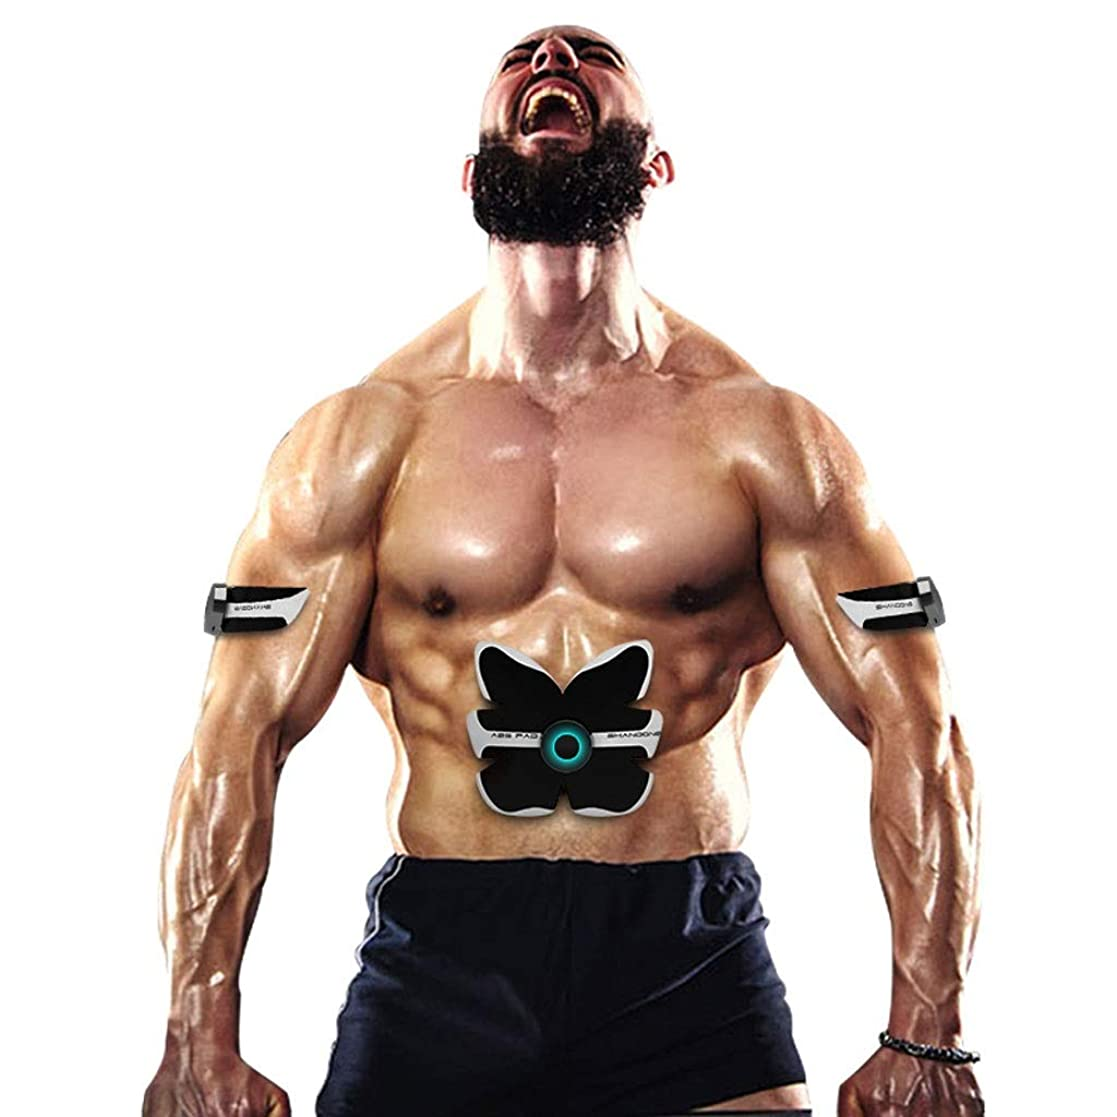 ディレクトリホバート長いですスマートabsトレーニングギア女性男性減量痩身ボディシェイパー腹部筋肉運動刺激装置フィットネス振動機